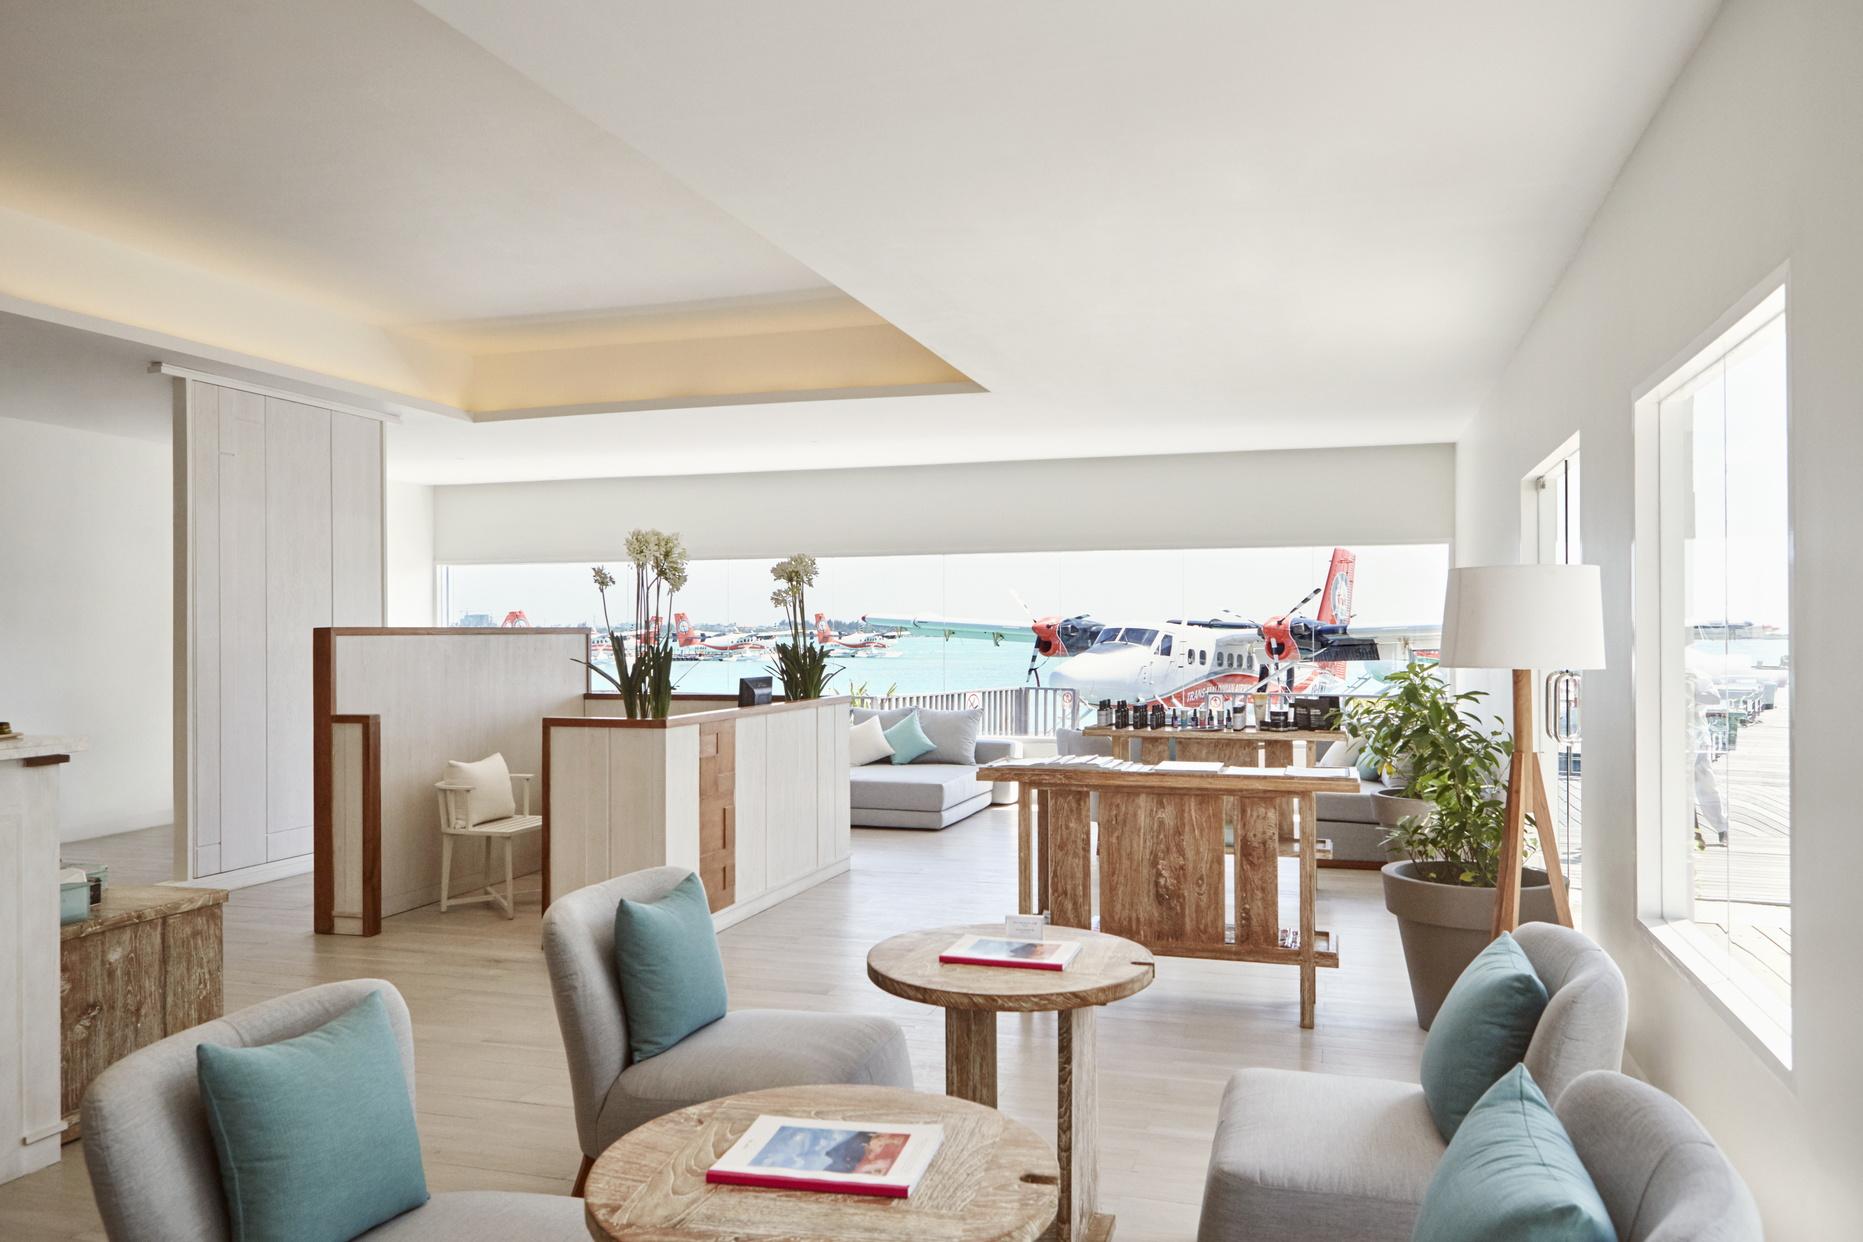 Для того, щоб ваша подорож була максимально комфортною, на вас очікує приватна зала в терміналі гідролітаків в Міжнародному аеропорті Мале